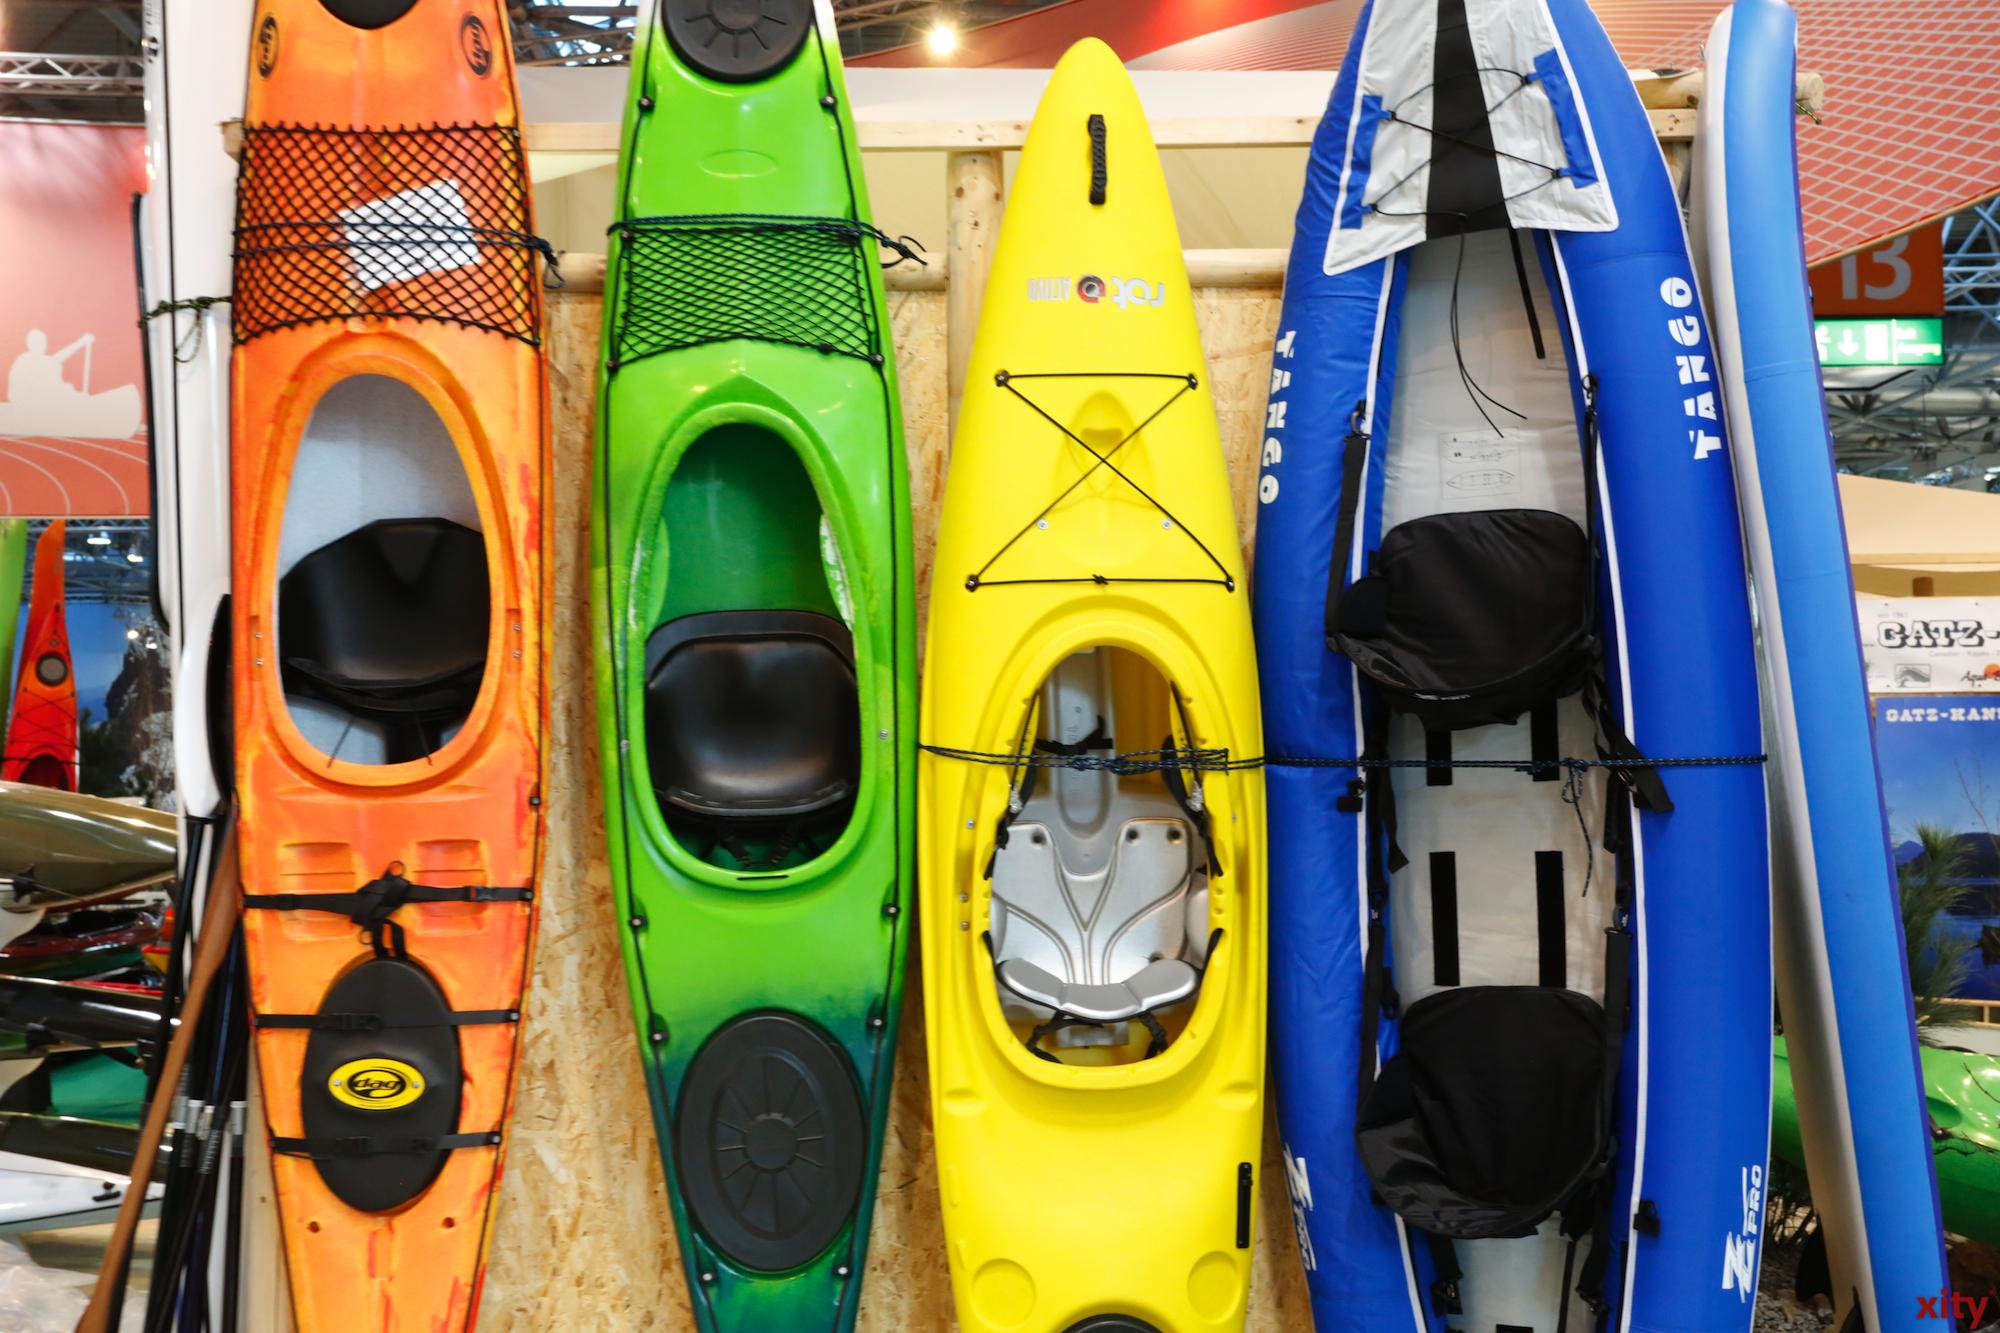 om Tauchen bis zum Trendsport - das Angebot ist riesig und reicht vom Kiten, Wakeboarding, Skimboarding, Wake Skate oder Stand-up-Paddling bis zum Schnuppertauchen im gläsernen Tauchturm (Foto: xity)